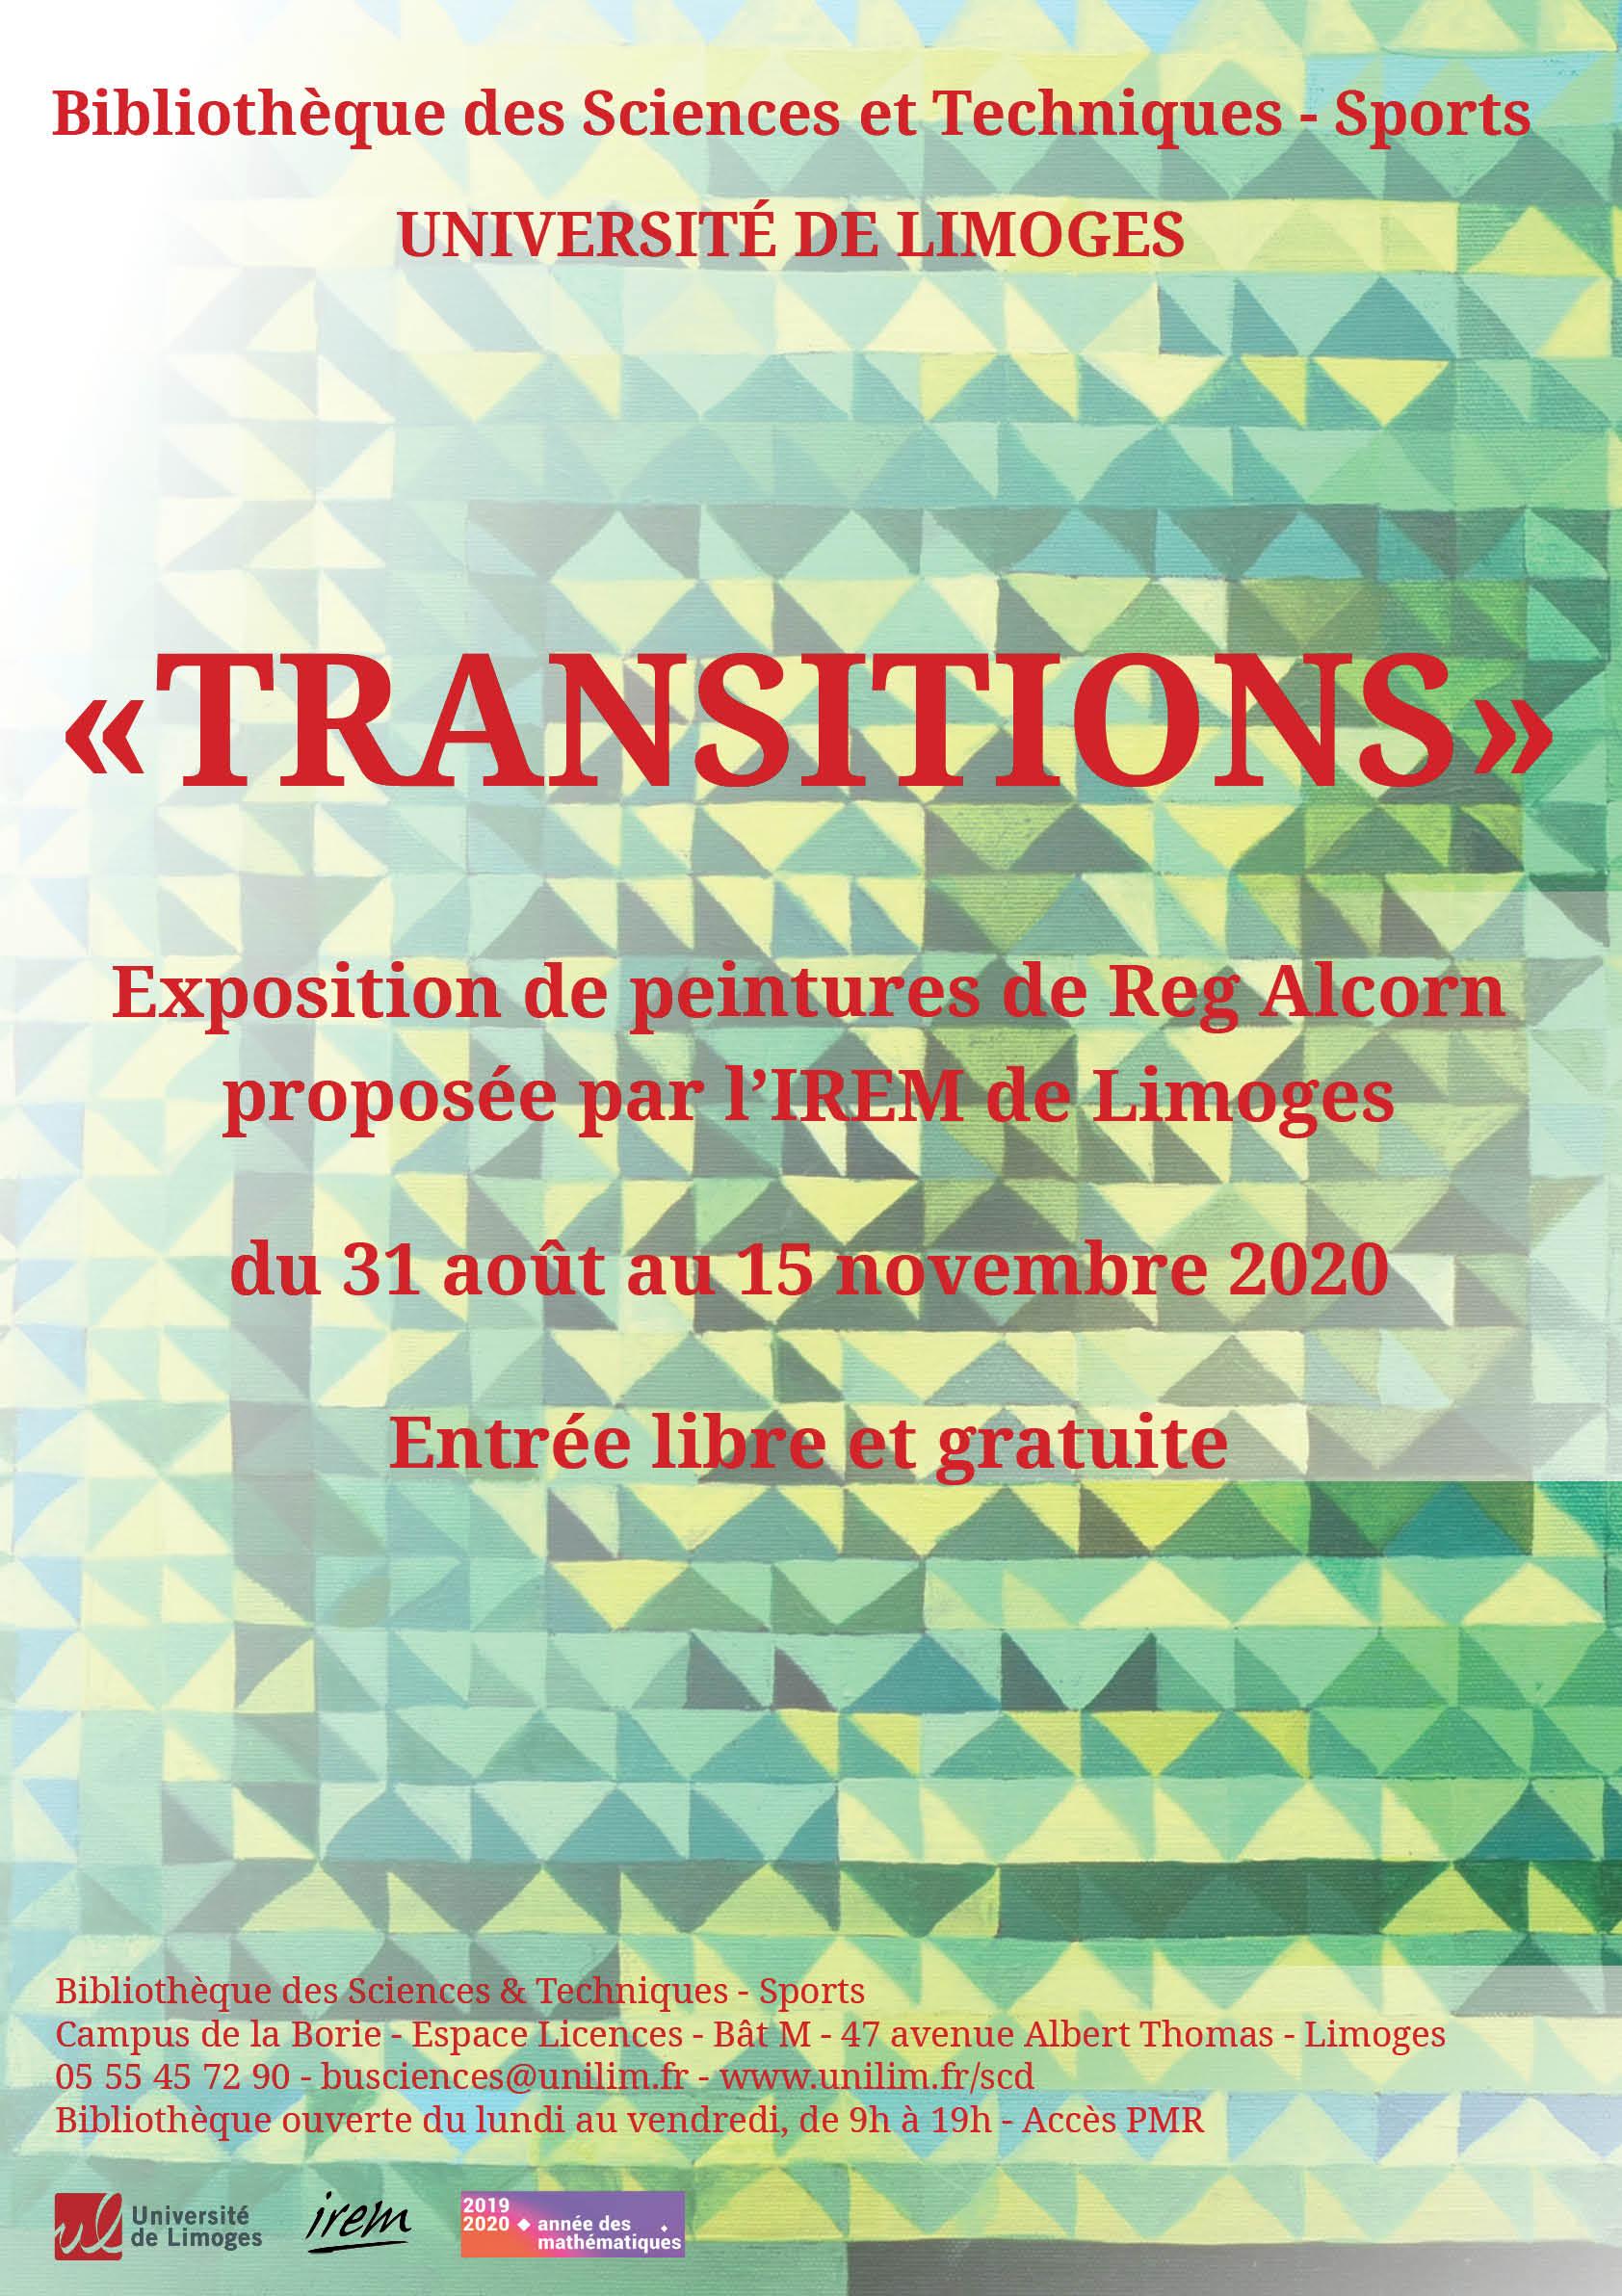 Affiche de l'exposition Transitions de REg Alcorn et de l'IREM de Limoges